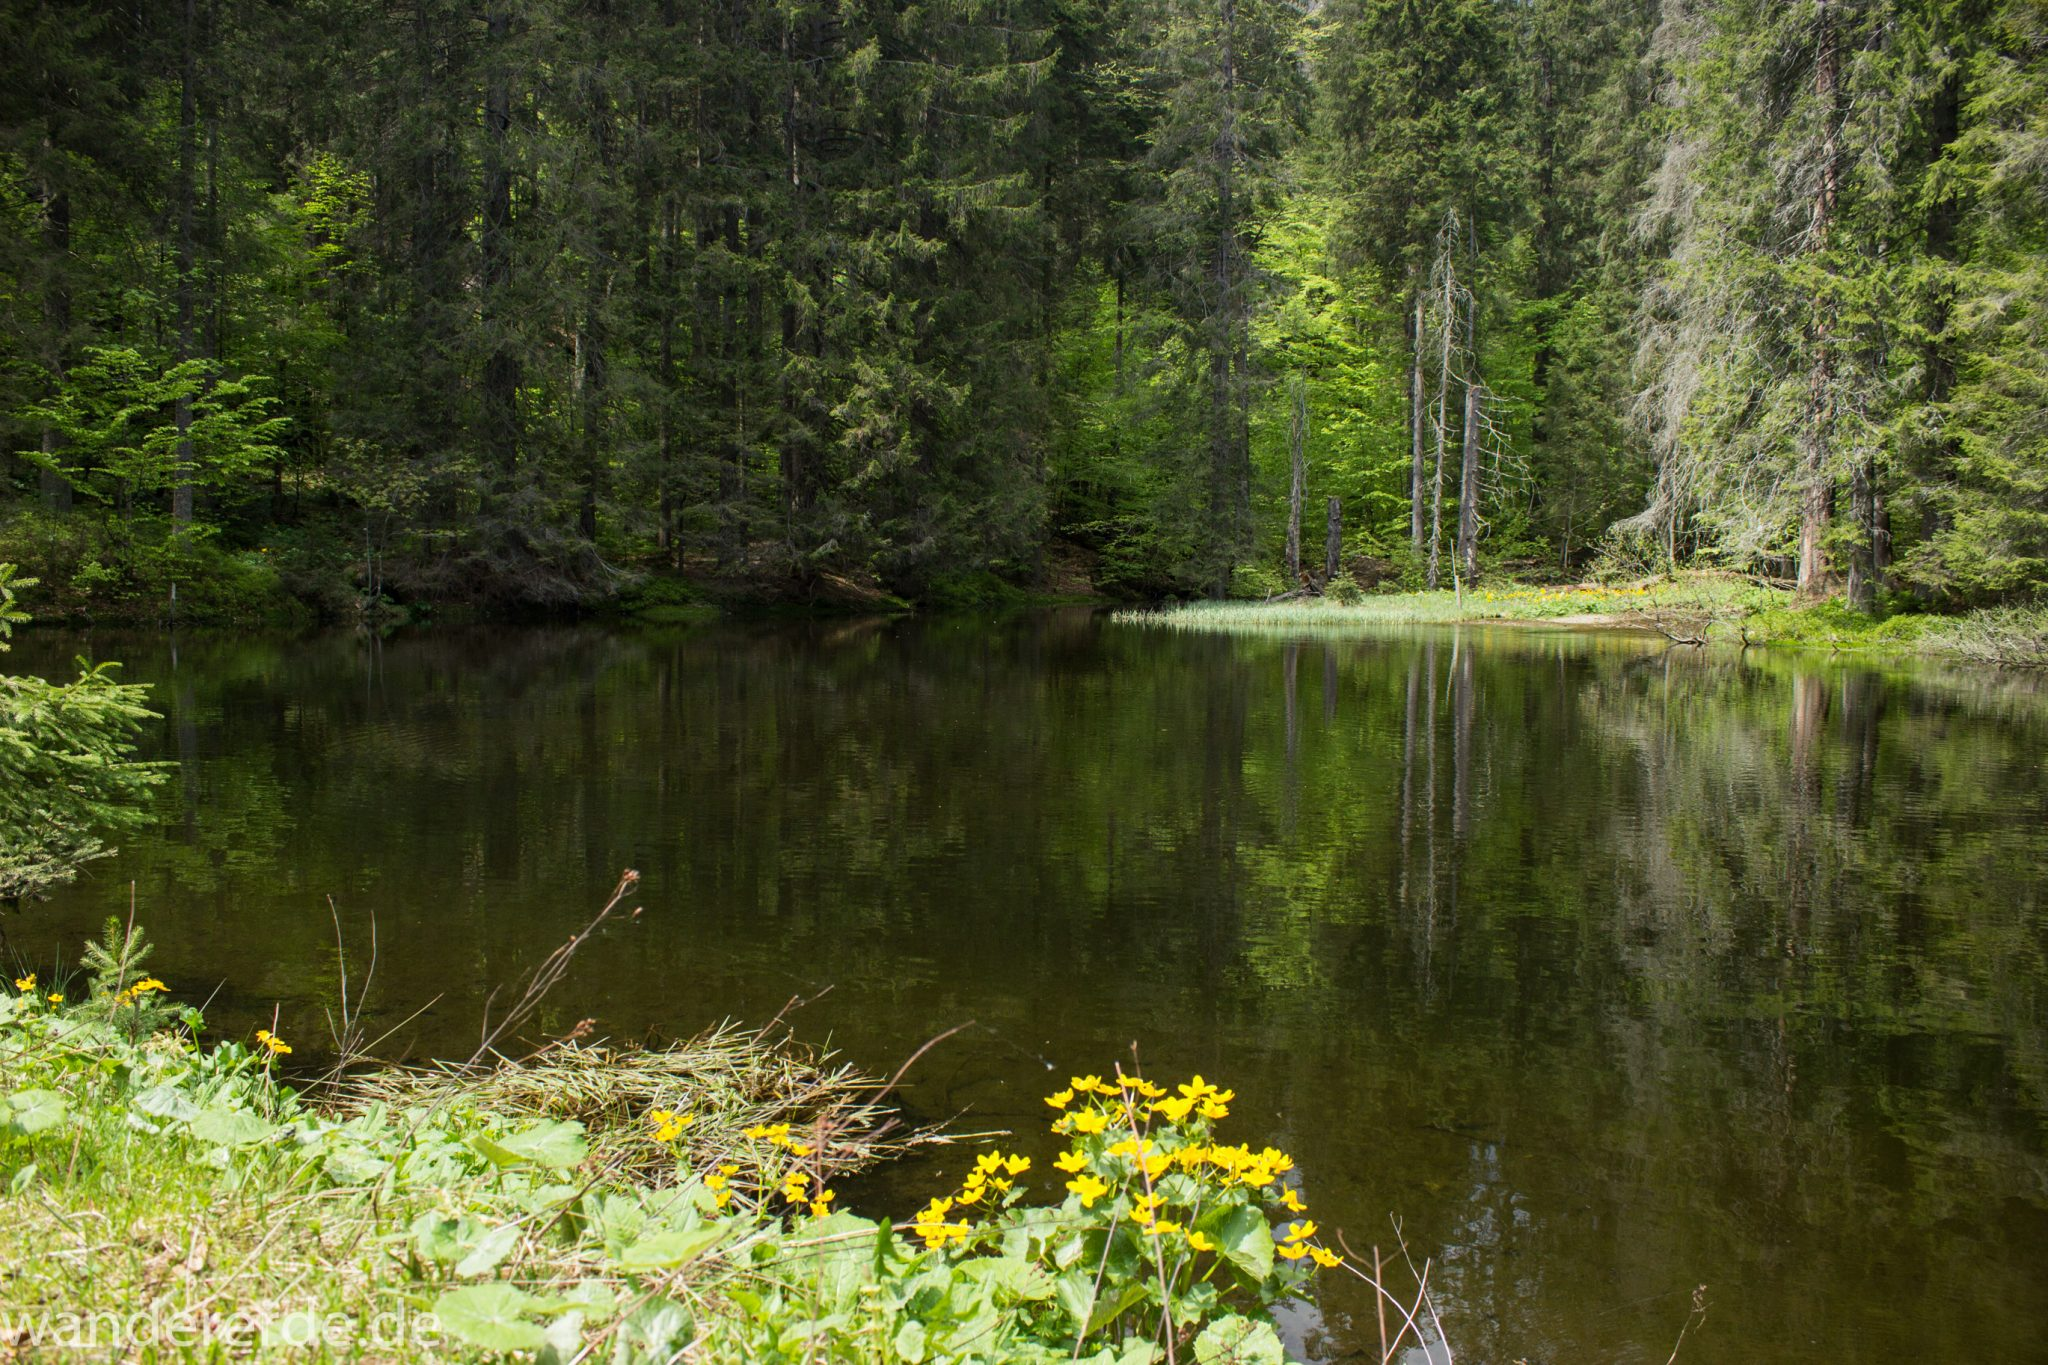 Rundwanderung zum Großen Falkenstein im Bayerischen Wald mit Start beim Zwieslerwaldhaus, auf dem Wanderweg Heidelbeere mit traumhaft schönem und dichtem Wald, kleiner See mit Grasinsel und blühenden Blumen, Frühjahr im bayerischen Wald